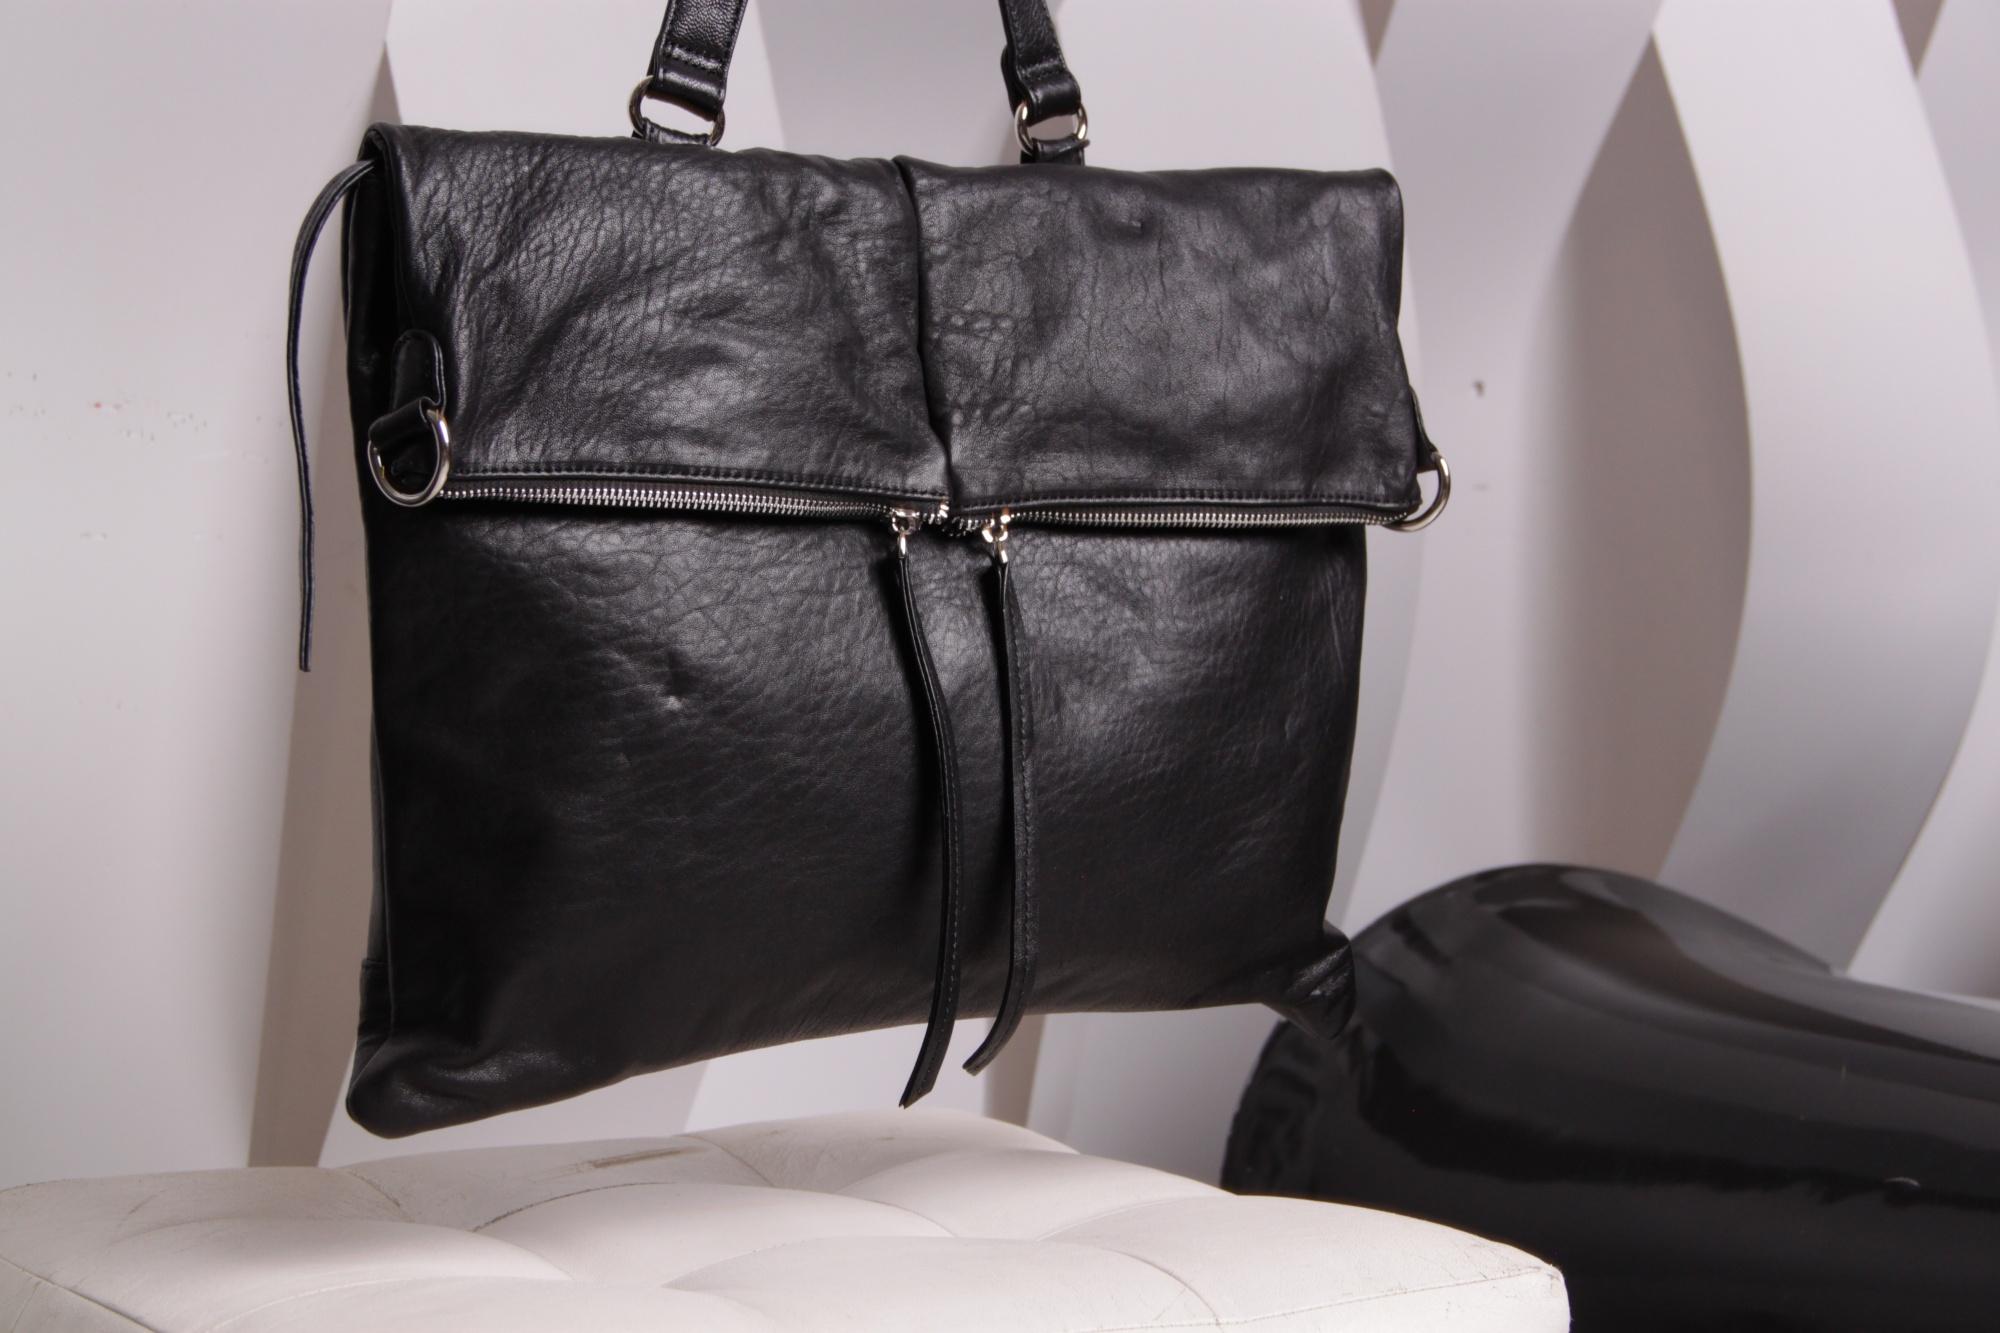 57f1be2dbe4f Сумки-портфели снова в моде! С чем и как носить? - Giuliani Romano